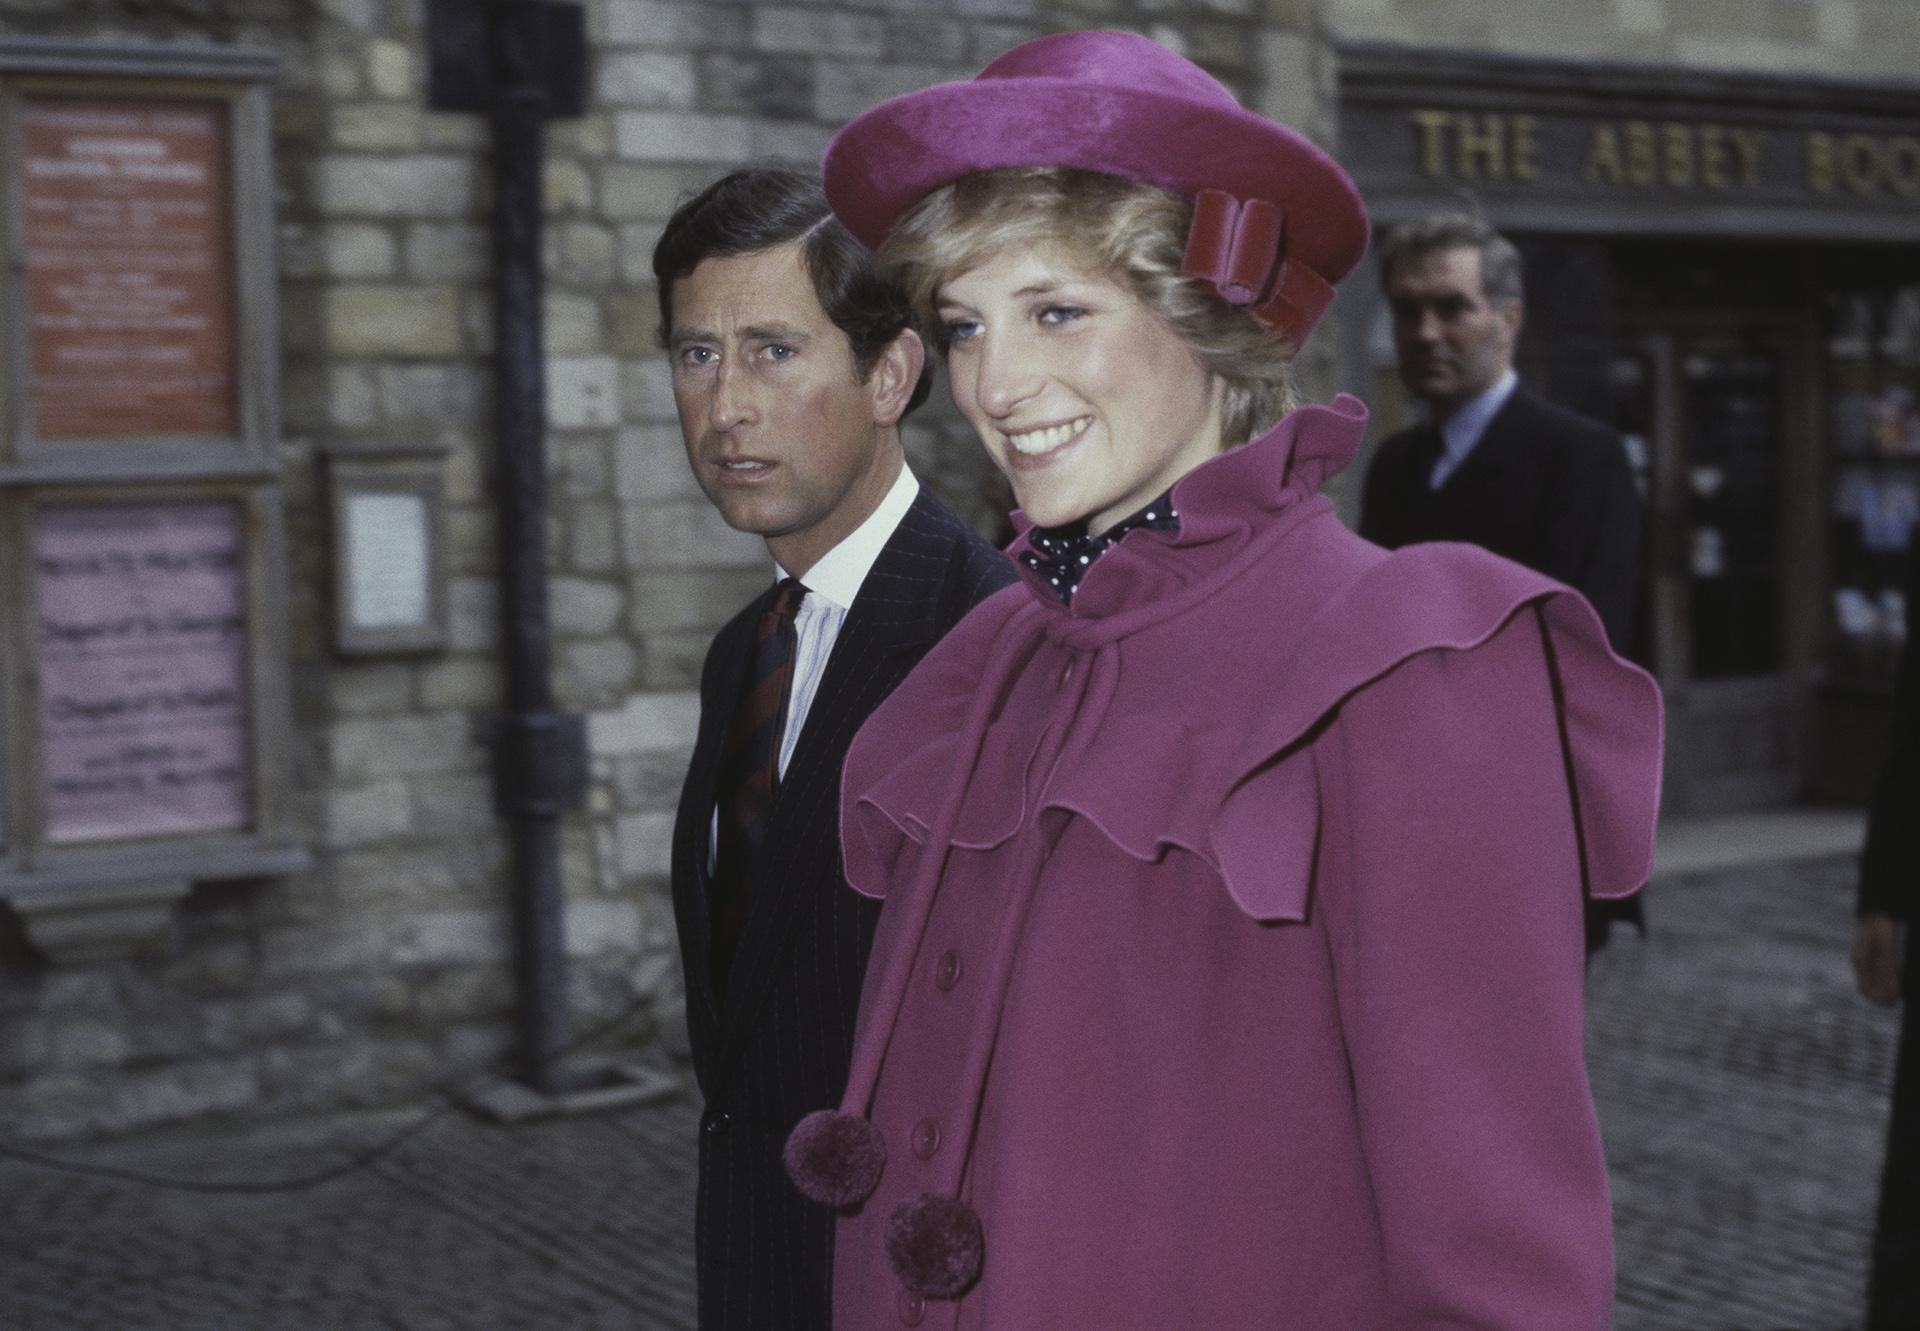 El uso de un outfit monocromático era usualen su vestuario, pocas veces lo combinaba con más de dos colores (Foto deFox Photos/Hulton Archive/Getty Images)